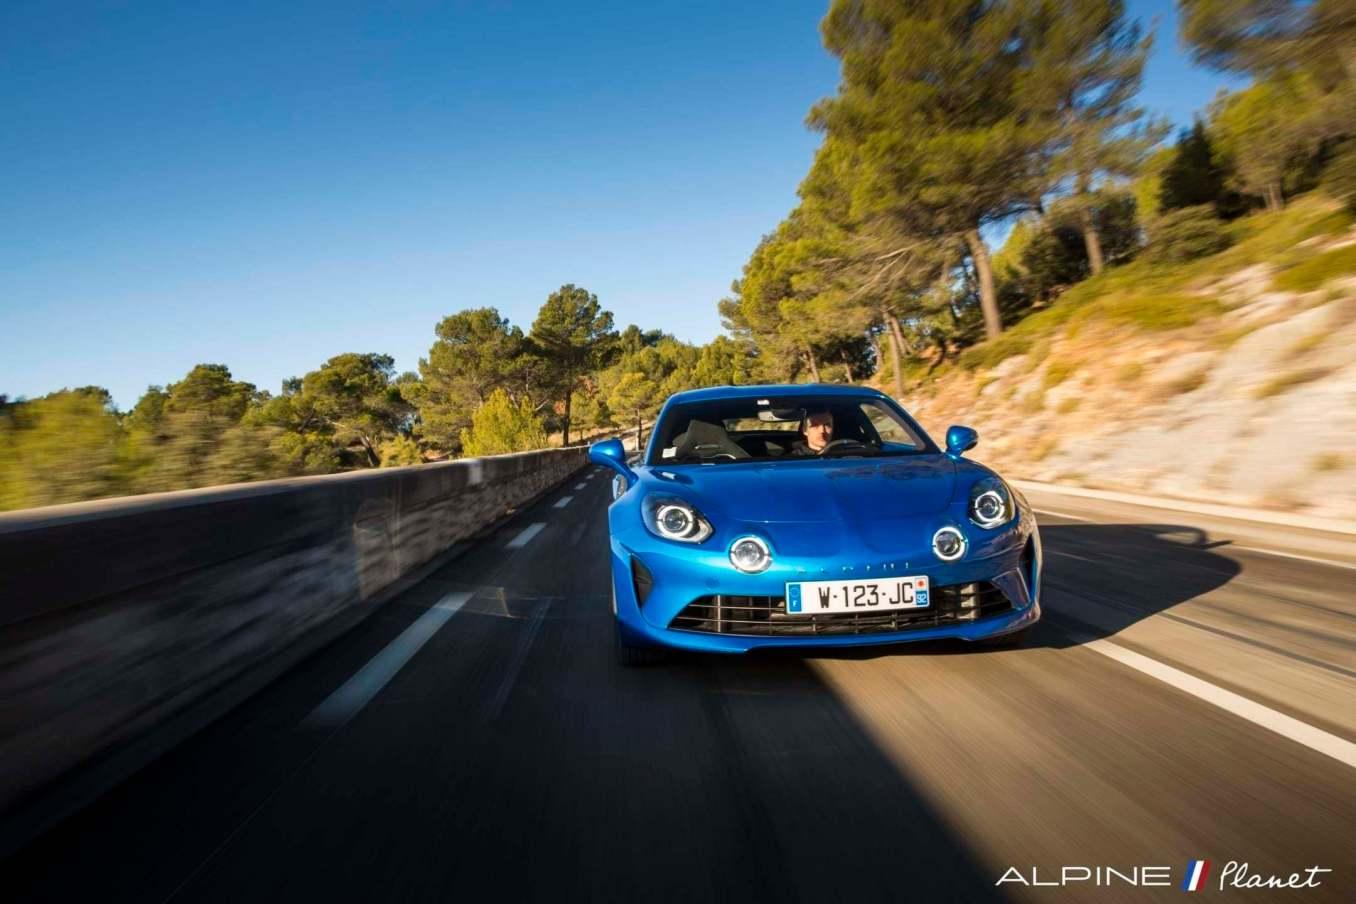 Alpine planet drive A110 2 | Notre essai de la nouvelle Alpine A110 sur route !